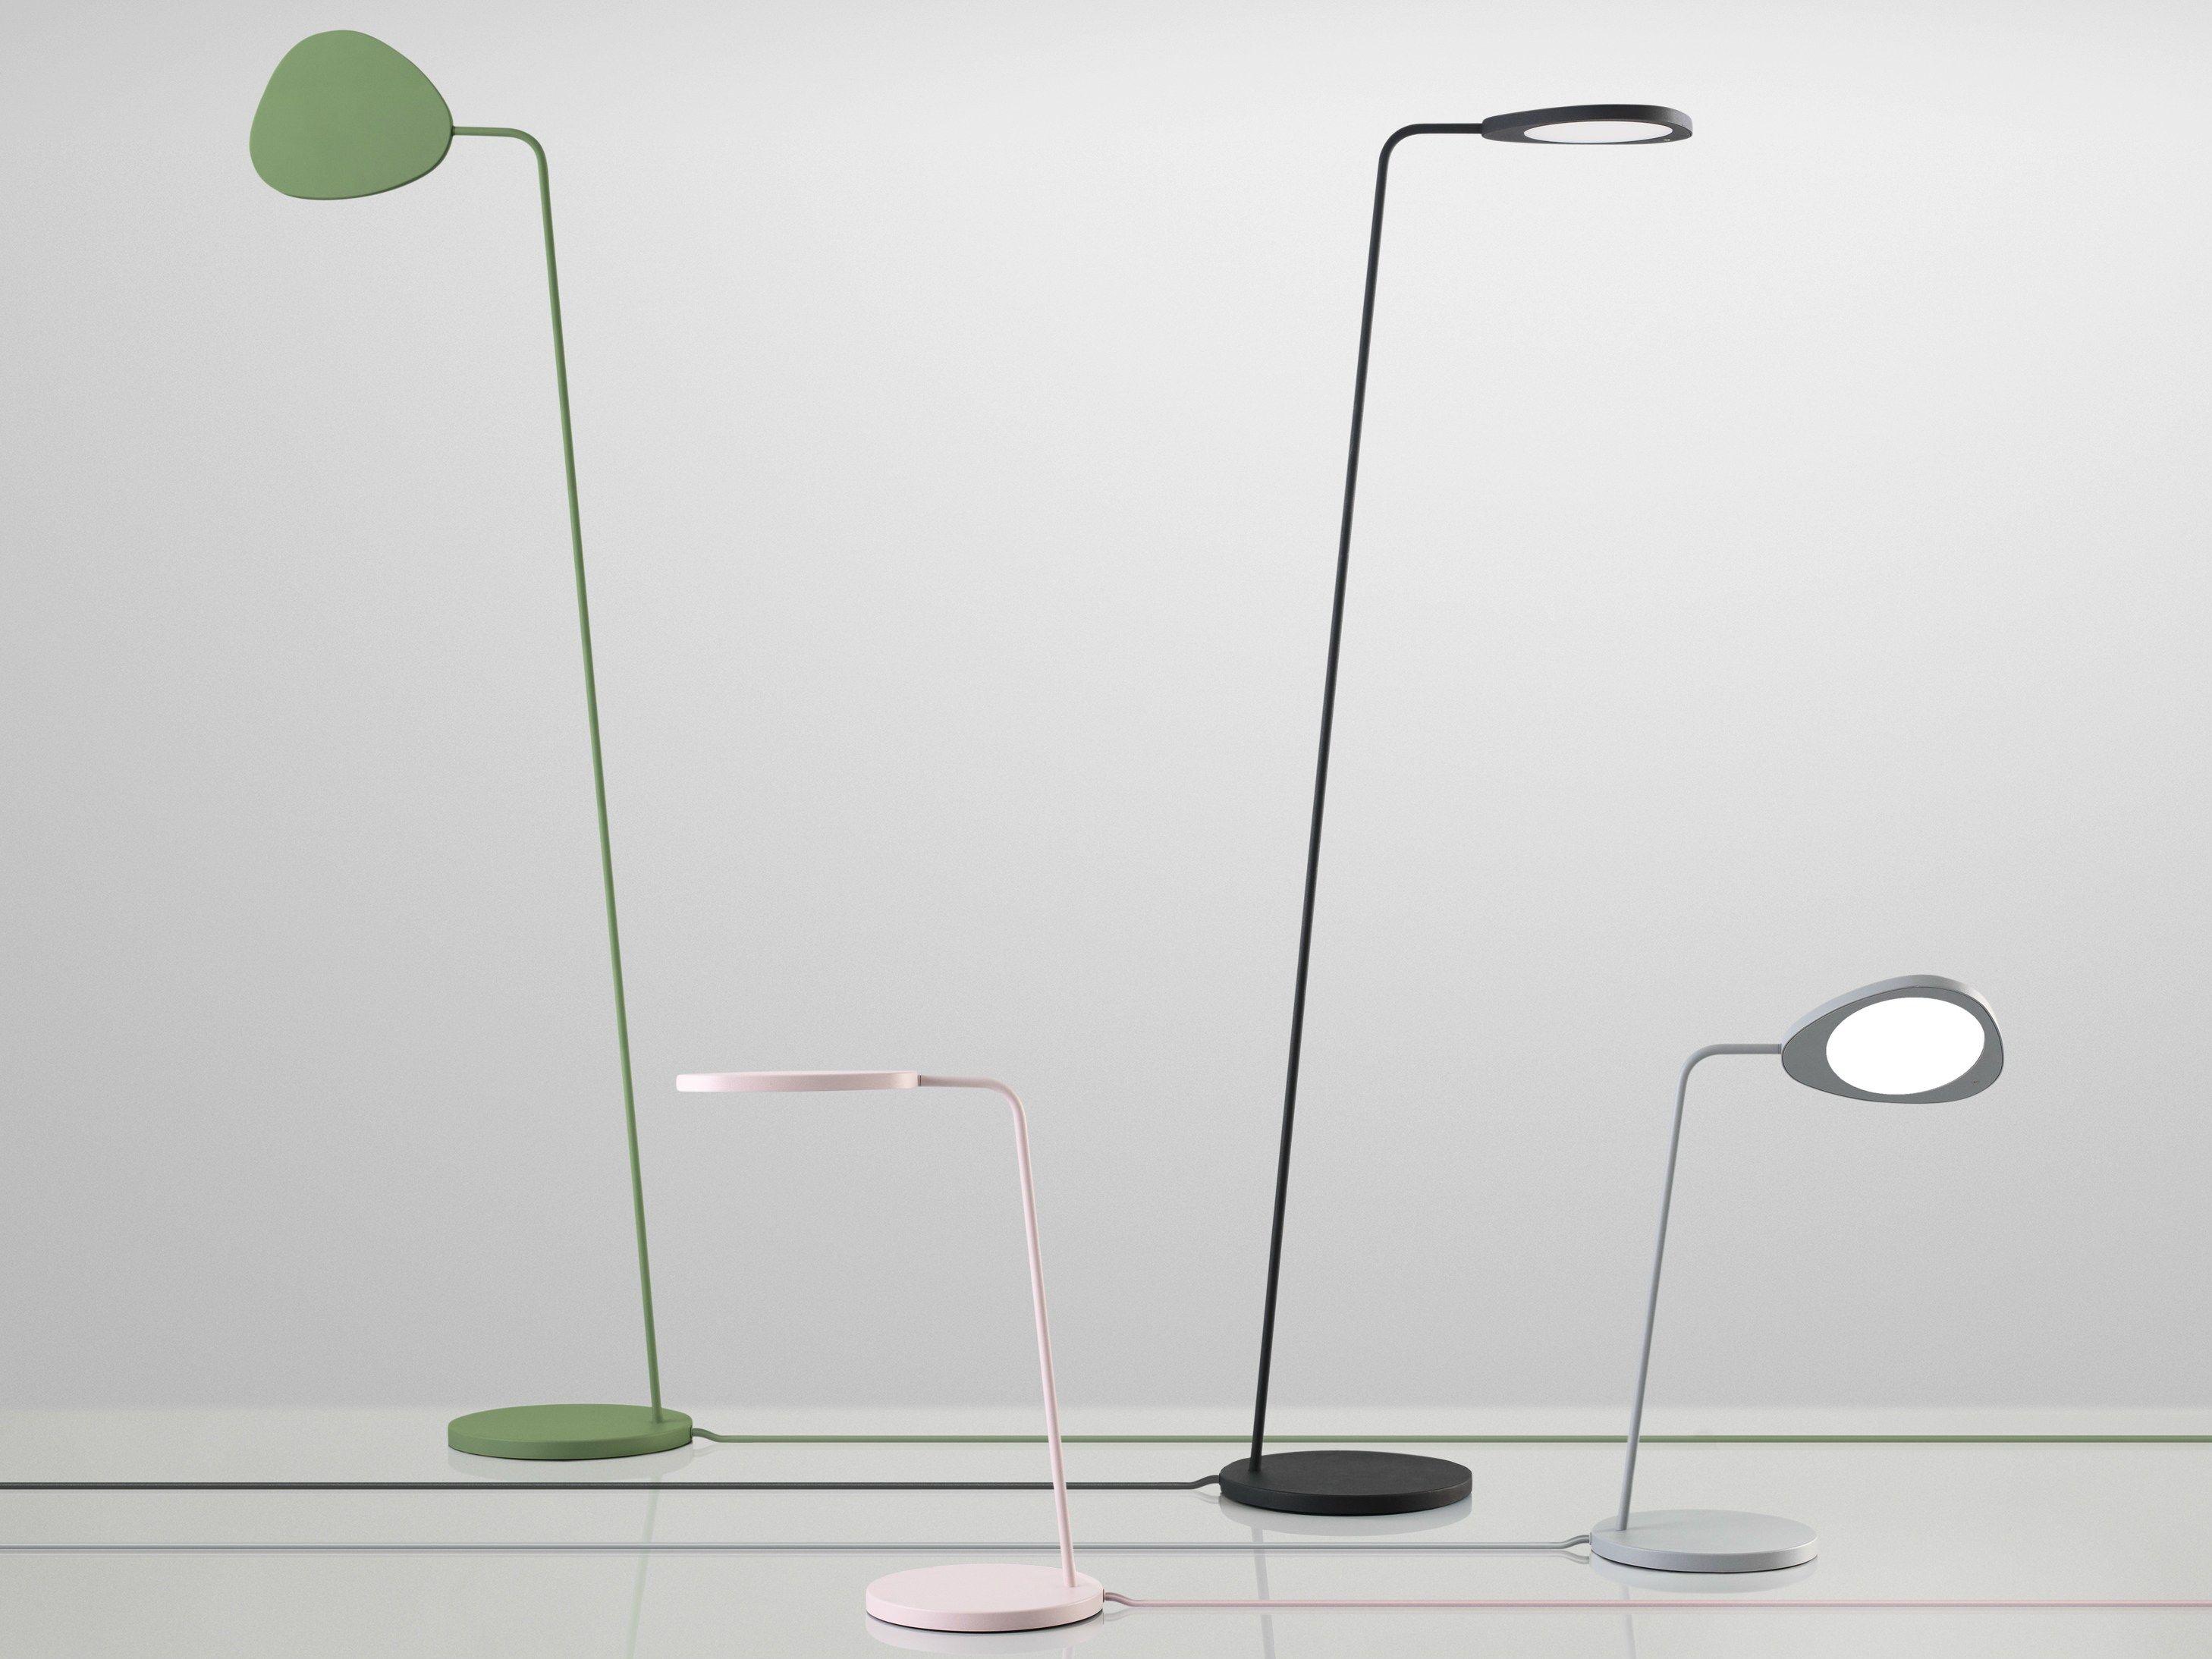 Led Table Lamp Leaf By Muuto Design Brda Broberg Lamp Floor Lamp Led Table Lamp